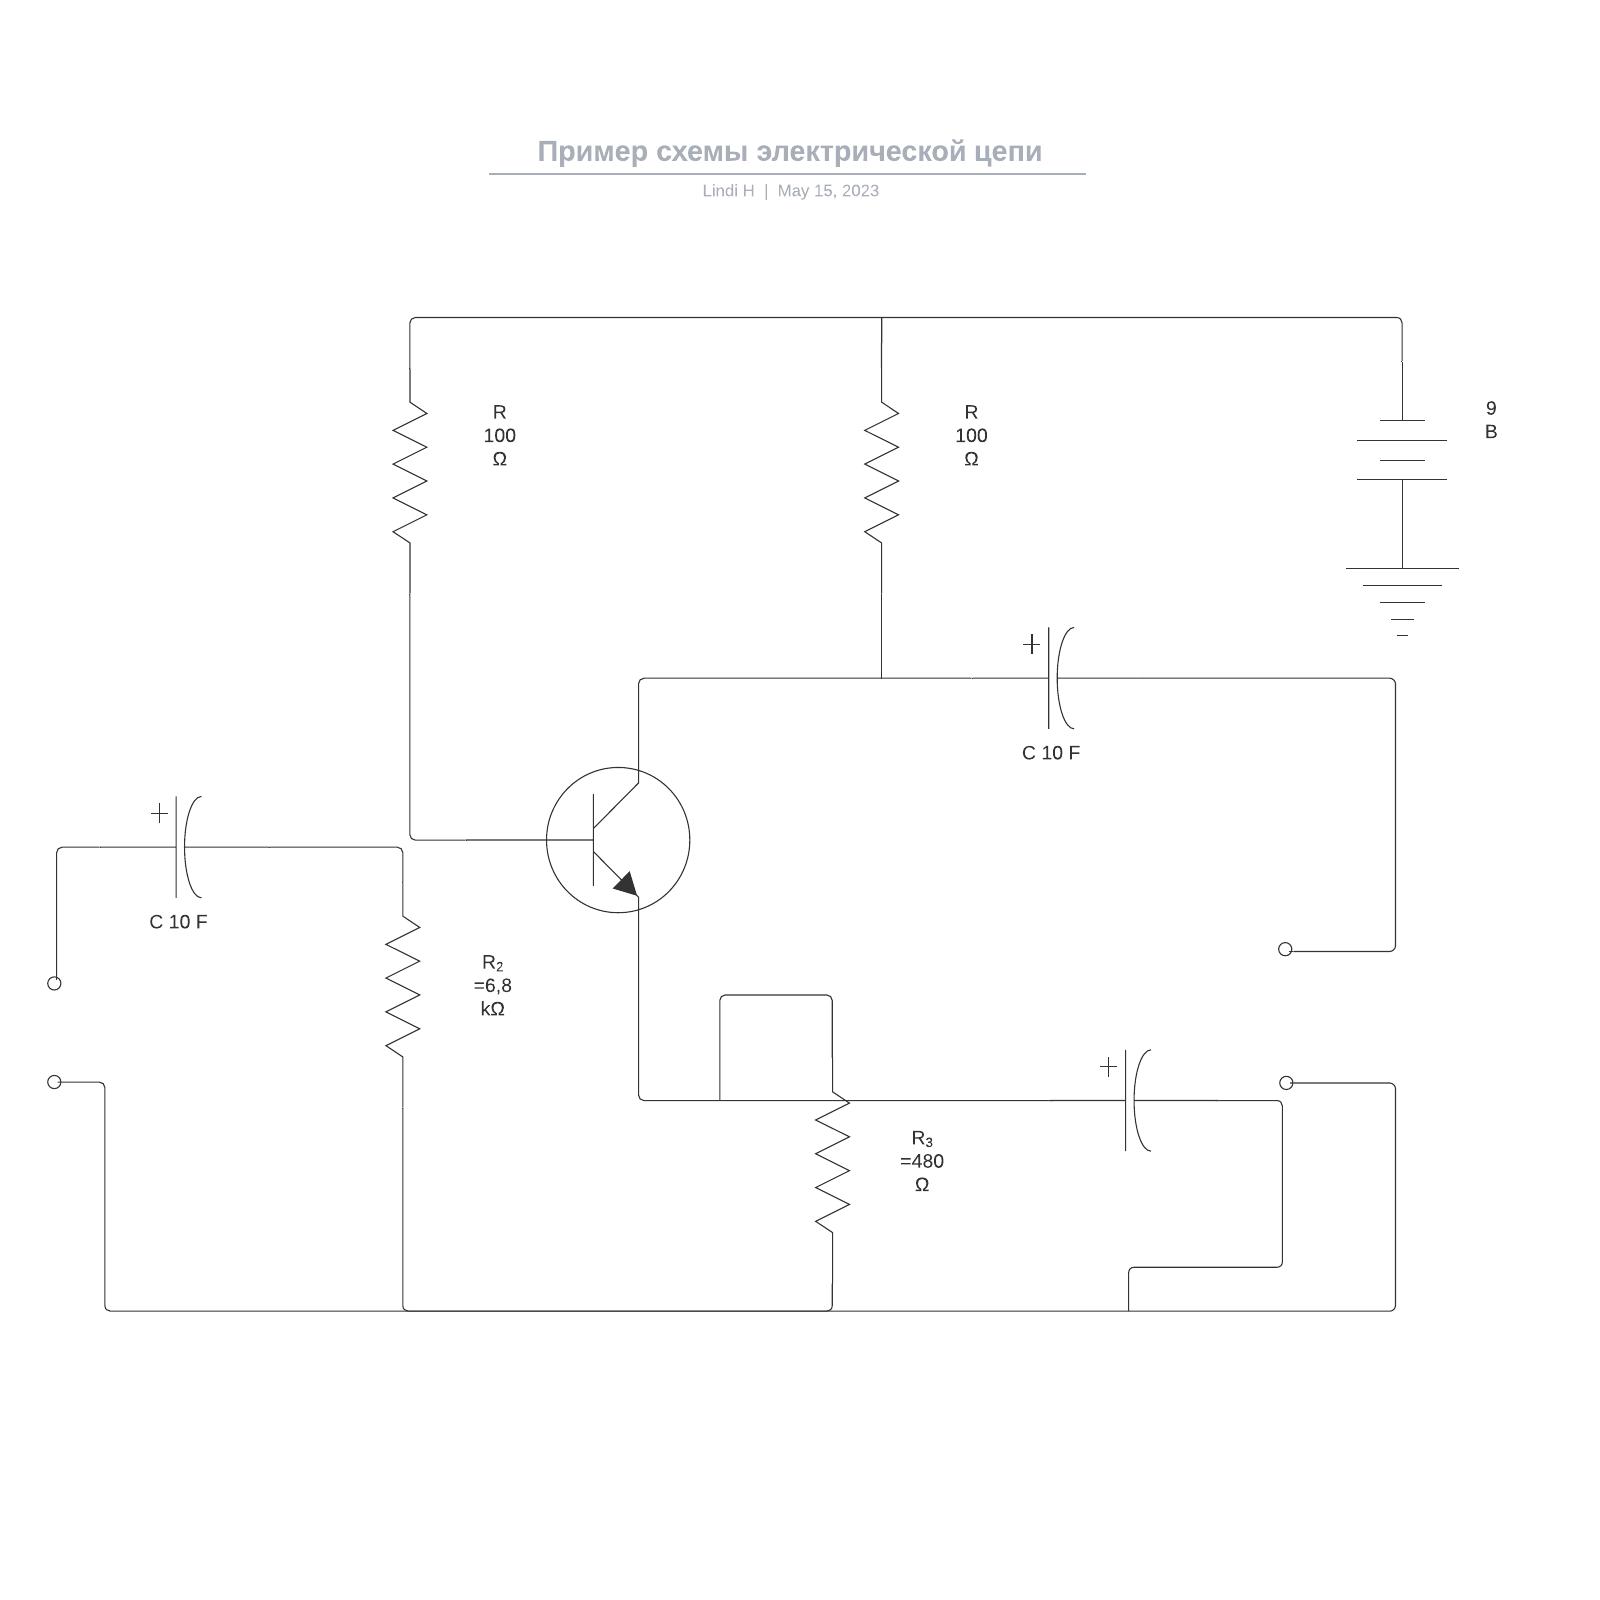 Пример схемы электрической цепи